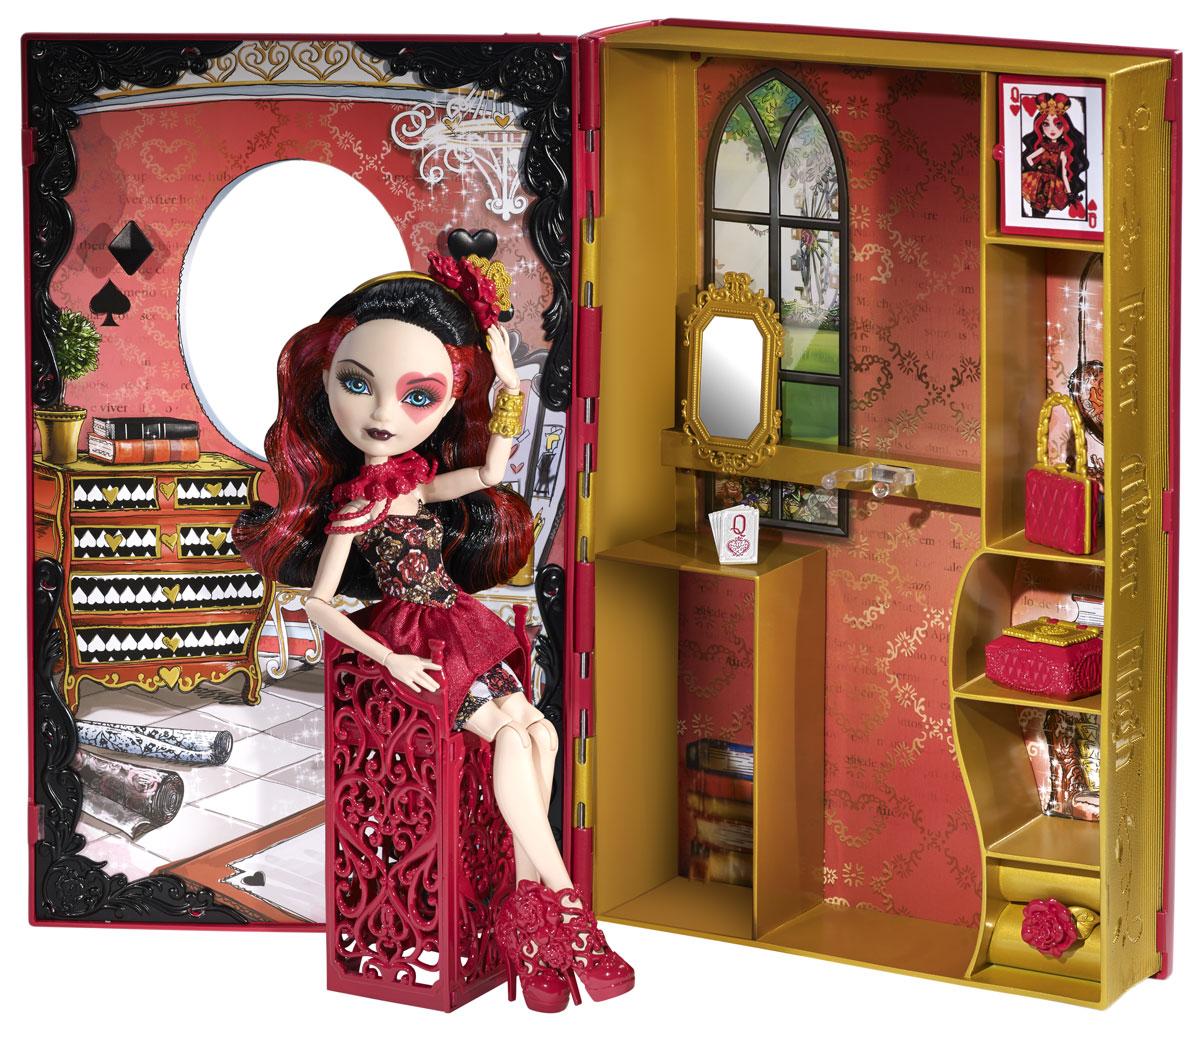 Ever After High Игровой набор с куклой Книга Лиззи ХартсCDM54Очаровательная куколка Ever After High Лиззи Хартс, дочка Червонной королевы из Страны Чудес, привлечет внимание вашей маленькой любительницы сказок и волшебства. На Лиззи надето красивое обтягивающее платье с цветочным принтом и красными оборками. На ножках стильные красные ботиночки. Образ дополняют различные аксессуары: золотой браслет, ободок с цветами и пояс. Волосы куколки черные, с красными прядками. Они мягкие и послушные, их приятно расчесывать и создавать различные прически. Для куколки предусмотрен домик, где она живет. Там есть стульчик, зеркальце, книжные полочки, шкатулка. Закончив игру, все вещи можно сложить внутрь, закрыть и поставить настоящим украшением на полку. Не упустите возможность переписать историю вместе с учениками школы Ever After - детьми персонажей известных сказок, которым предстоит решить, следовать ли судьбе своих родителей и прожить положенный сюжет до своего долго и счастливо или изменить то, что им...